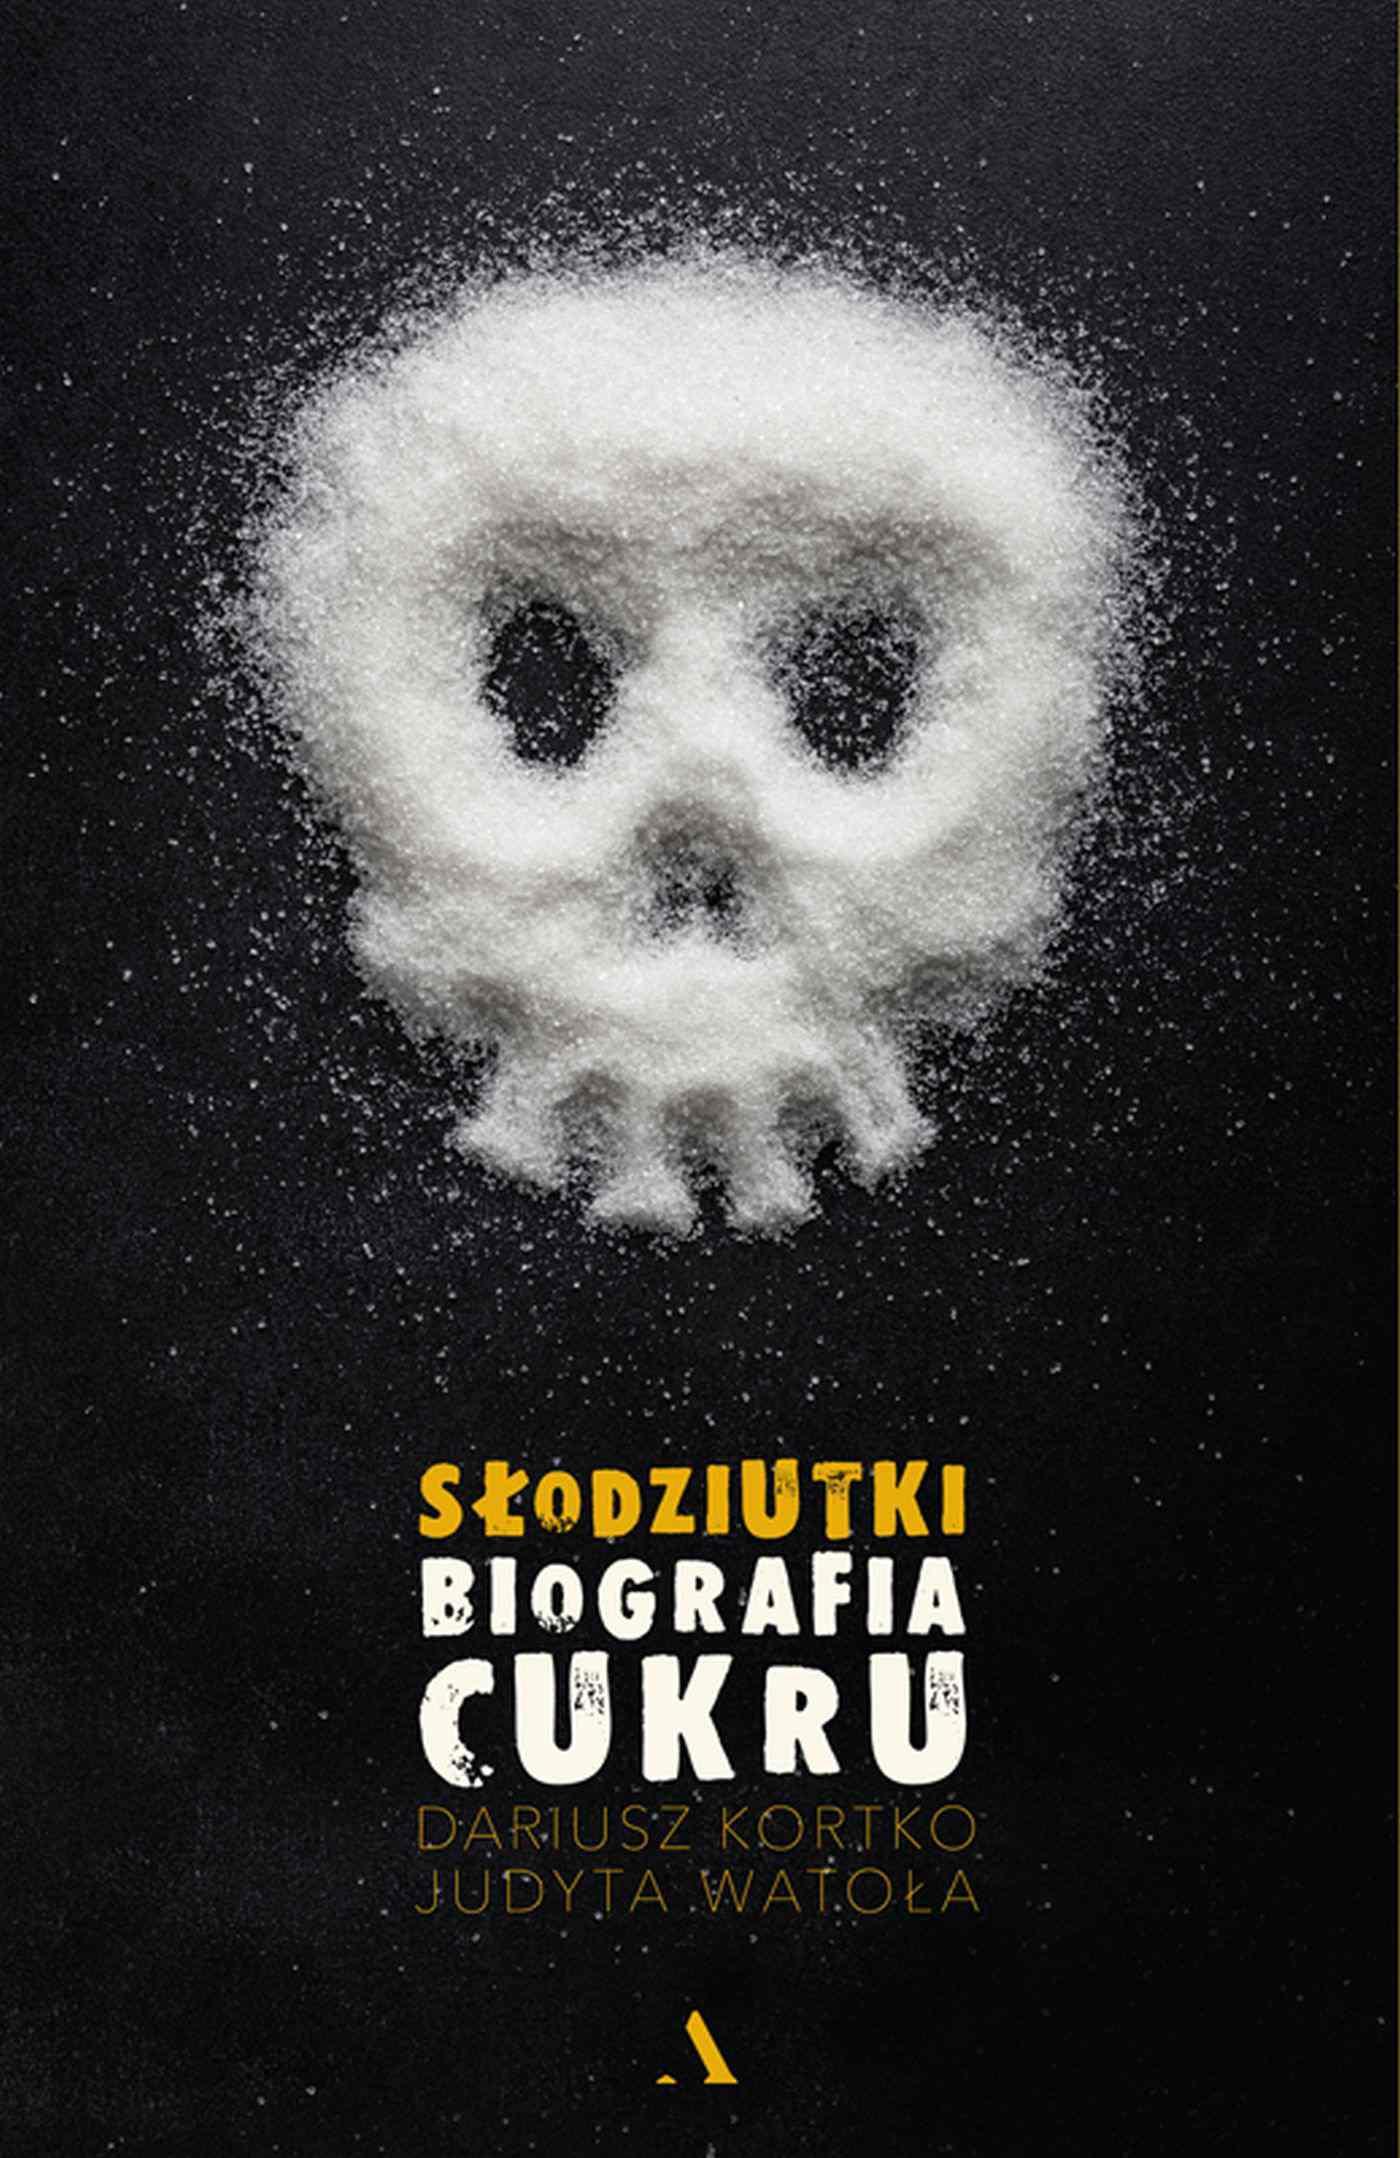 Słodziutki. Biografia cukru - Ebook (Książka EPUB) do pobrania w formacie EPUB